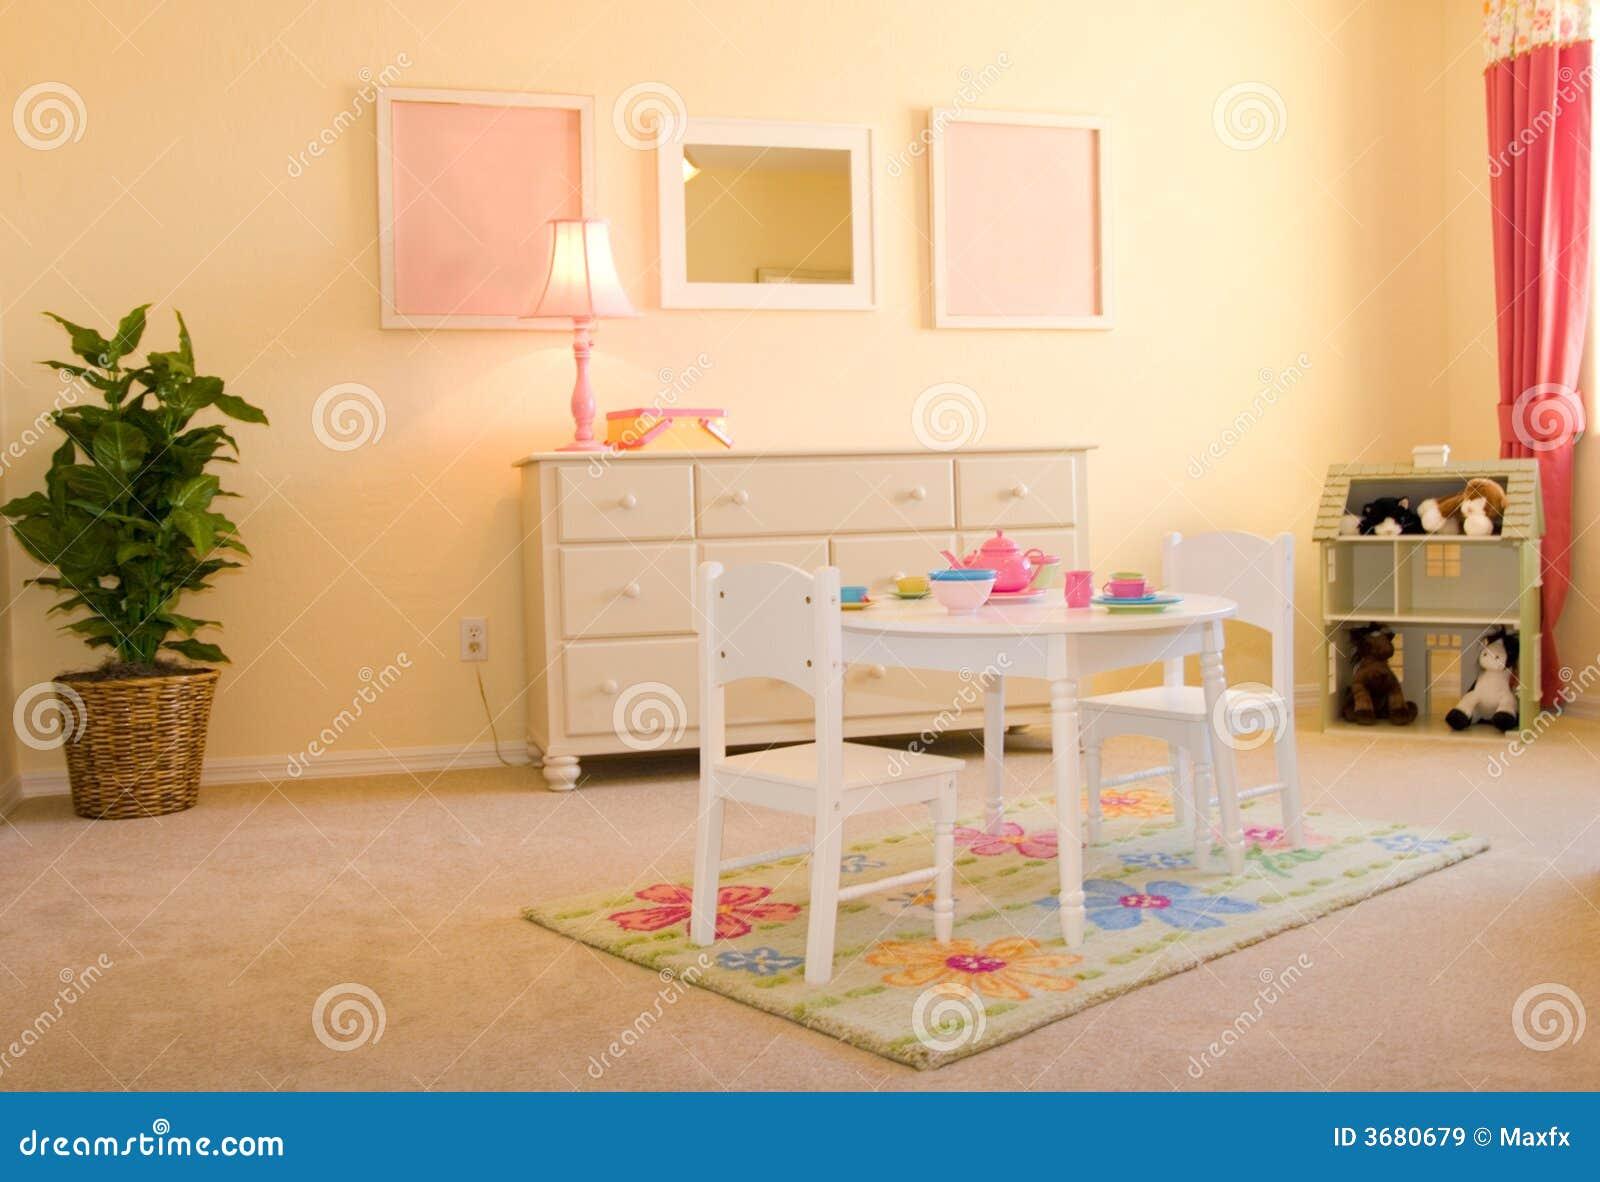 la salle de jeux des enfants images libres de droits. Black Bedroom Furniture Sets. Home Design Ideas